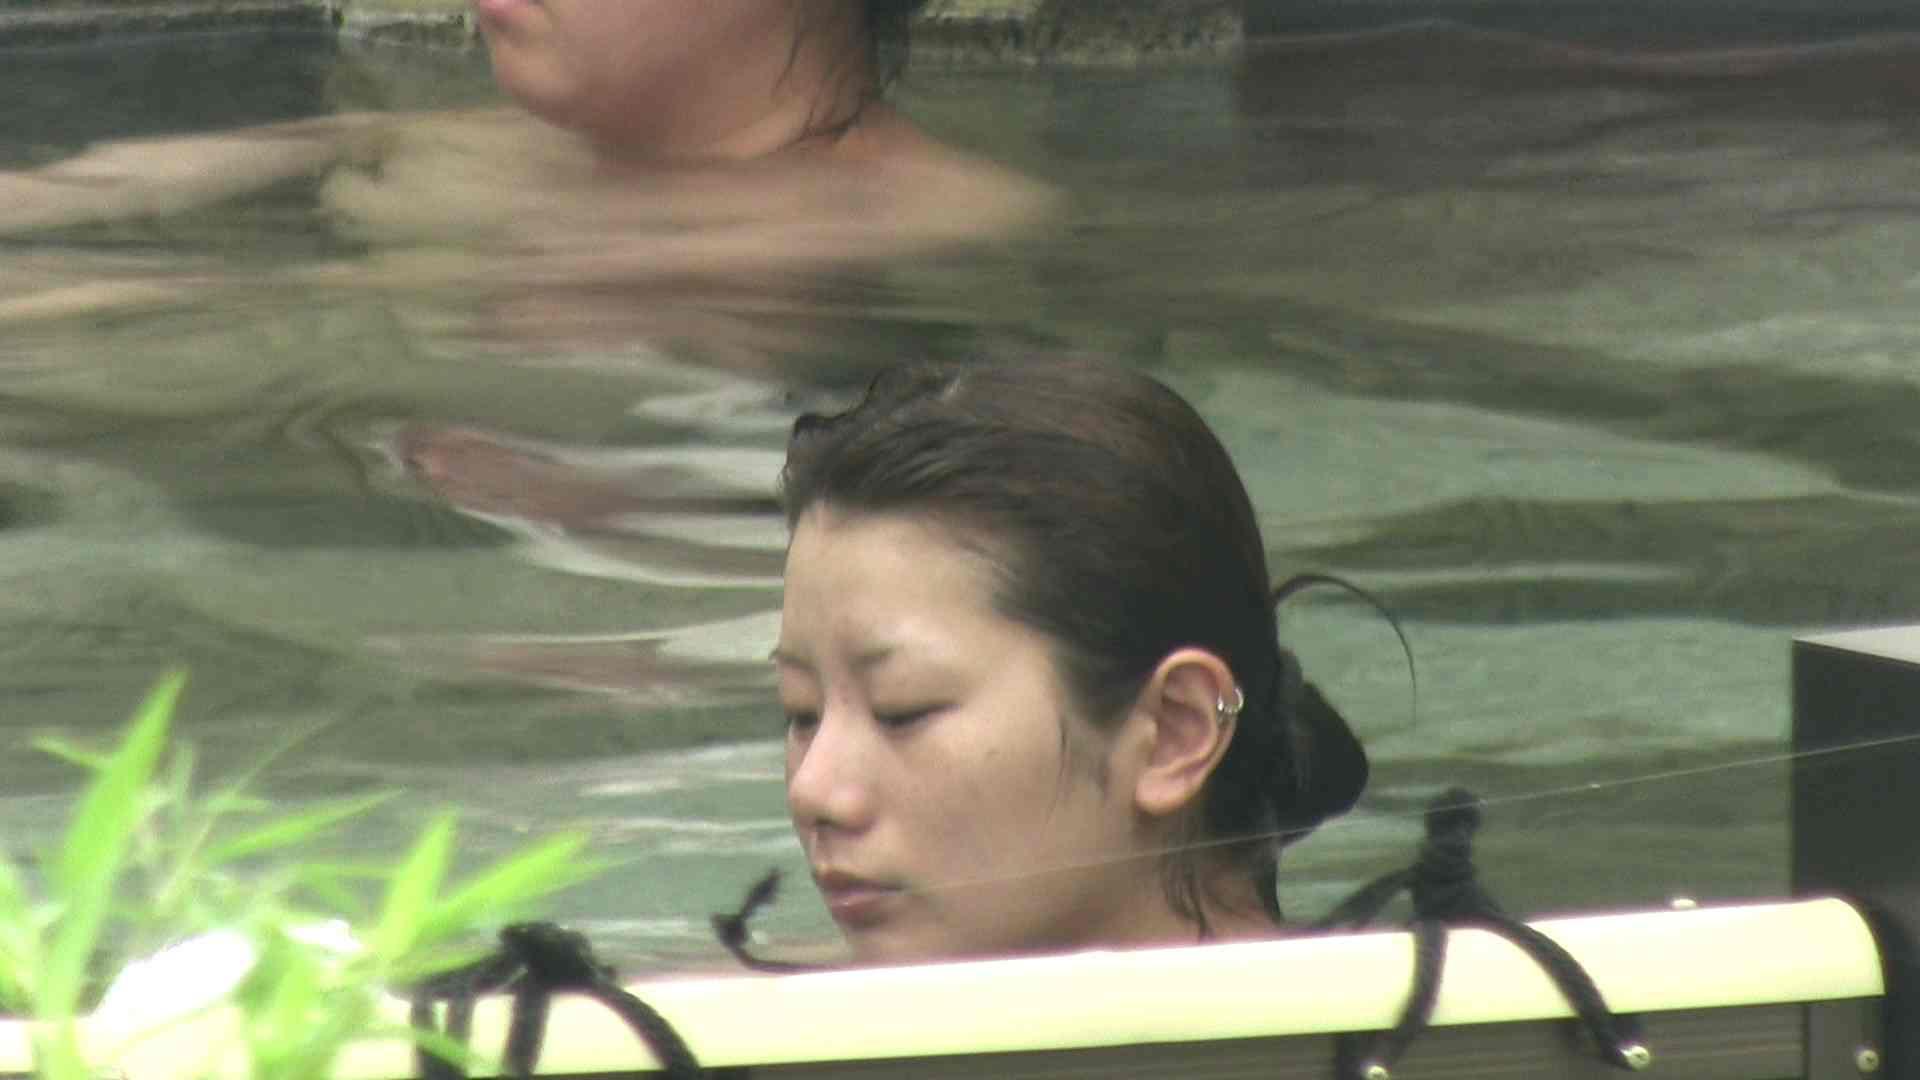 Aquaな露天風呂Vol.19【VIP】 美しいOLの裸体   盗撮師作品  106pic 97